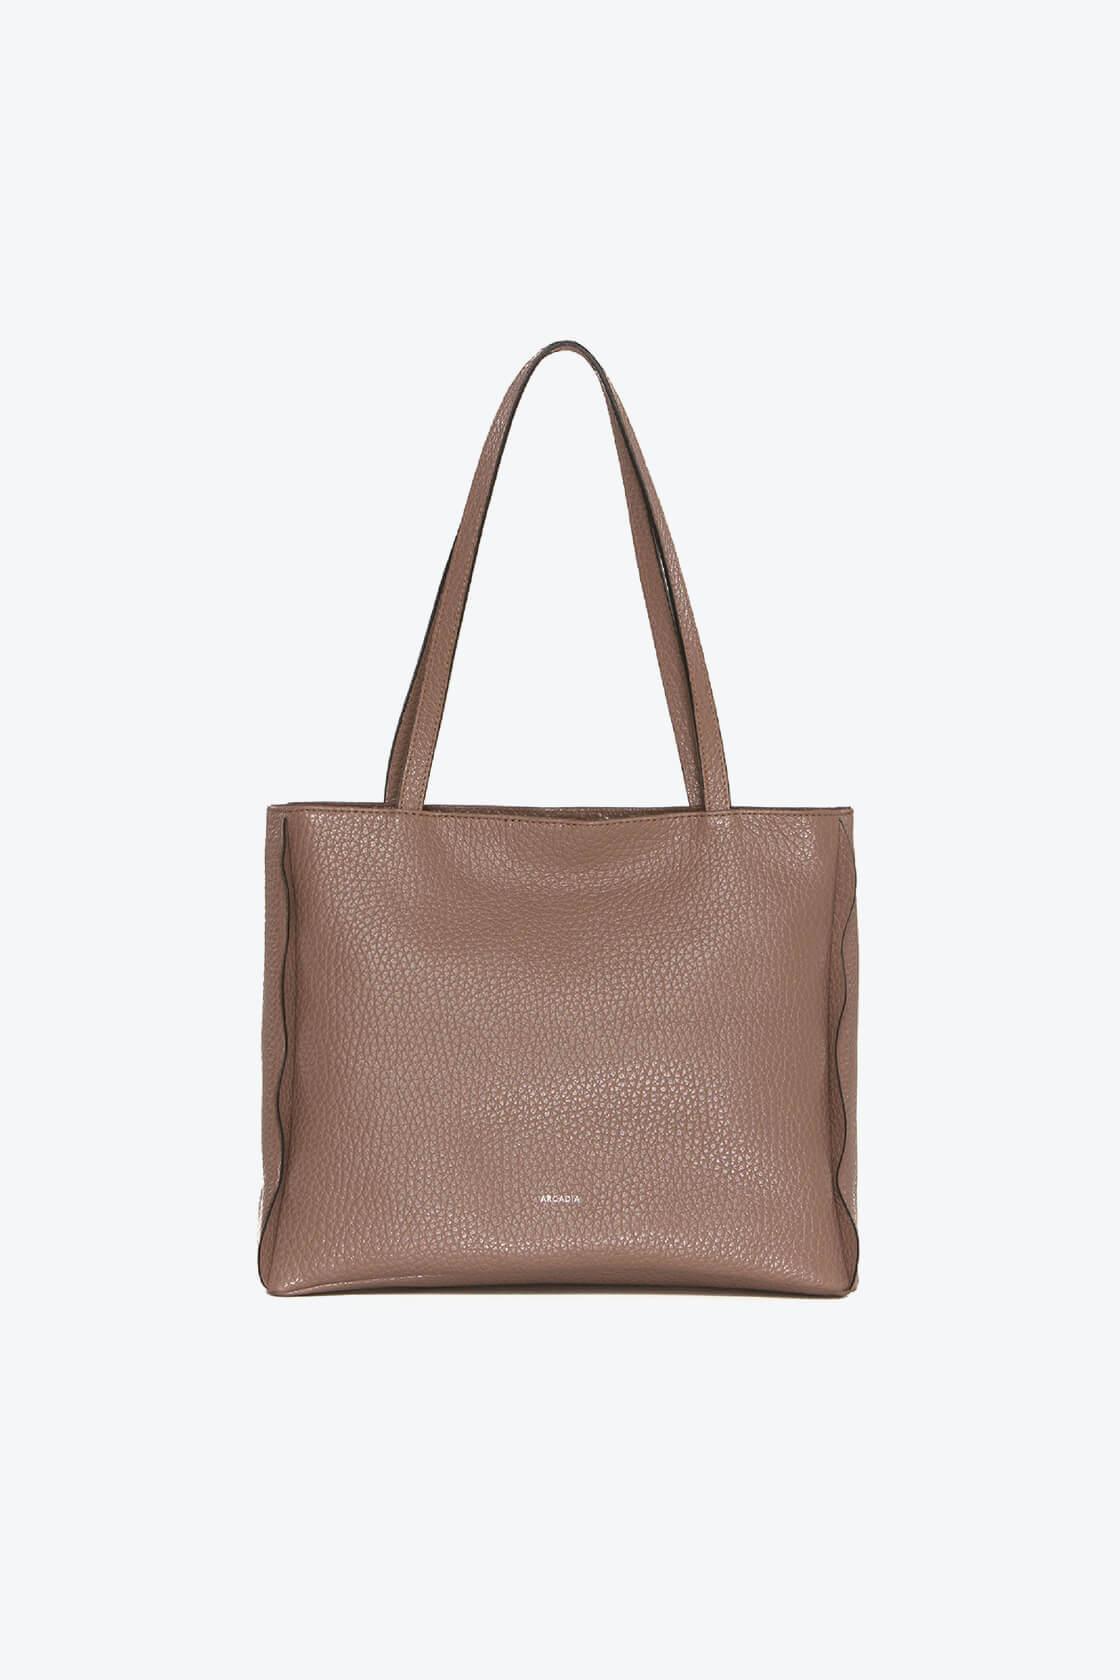 ol80000262 kiras large shoulder bag 1